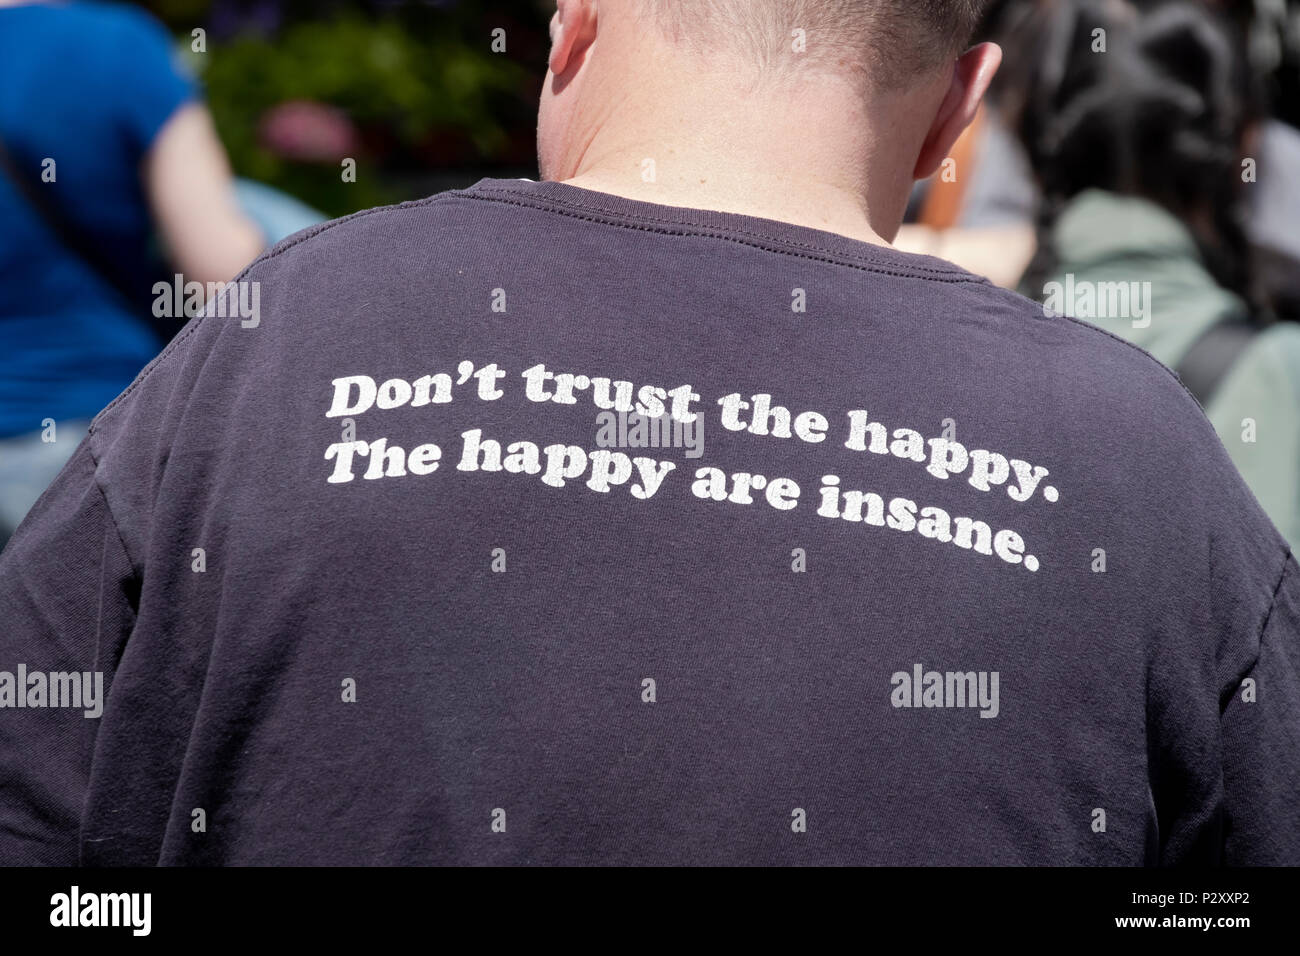 Eine lustige Nachricht auf dem Rücken eines t-shirt, dass glückliche Menschen verrückt und nicht vertrauenswürdig. In Lower Manhattan, New York City. Stockbild